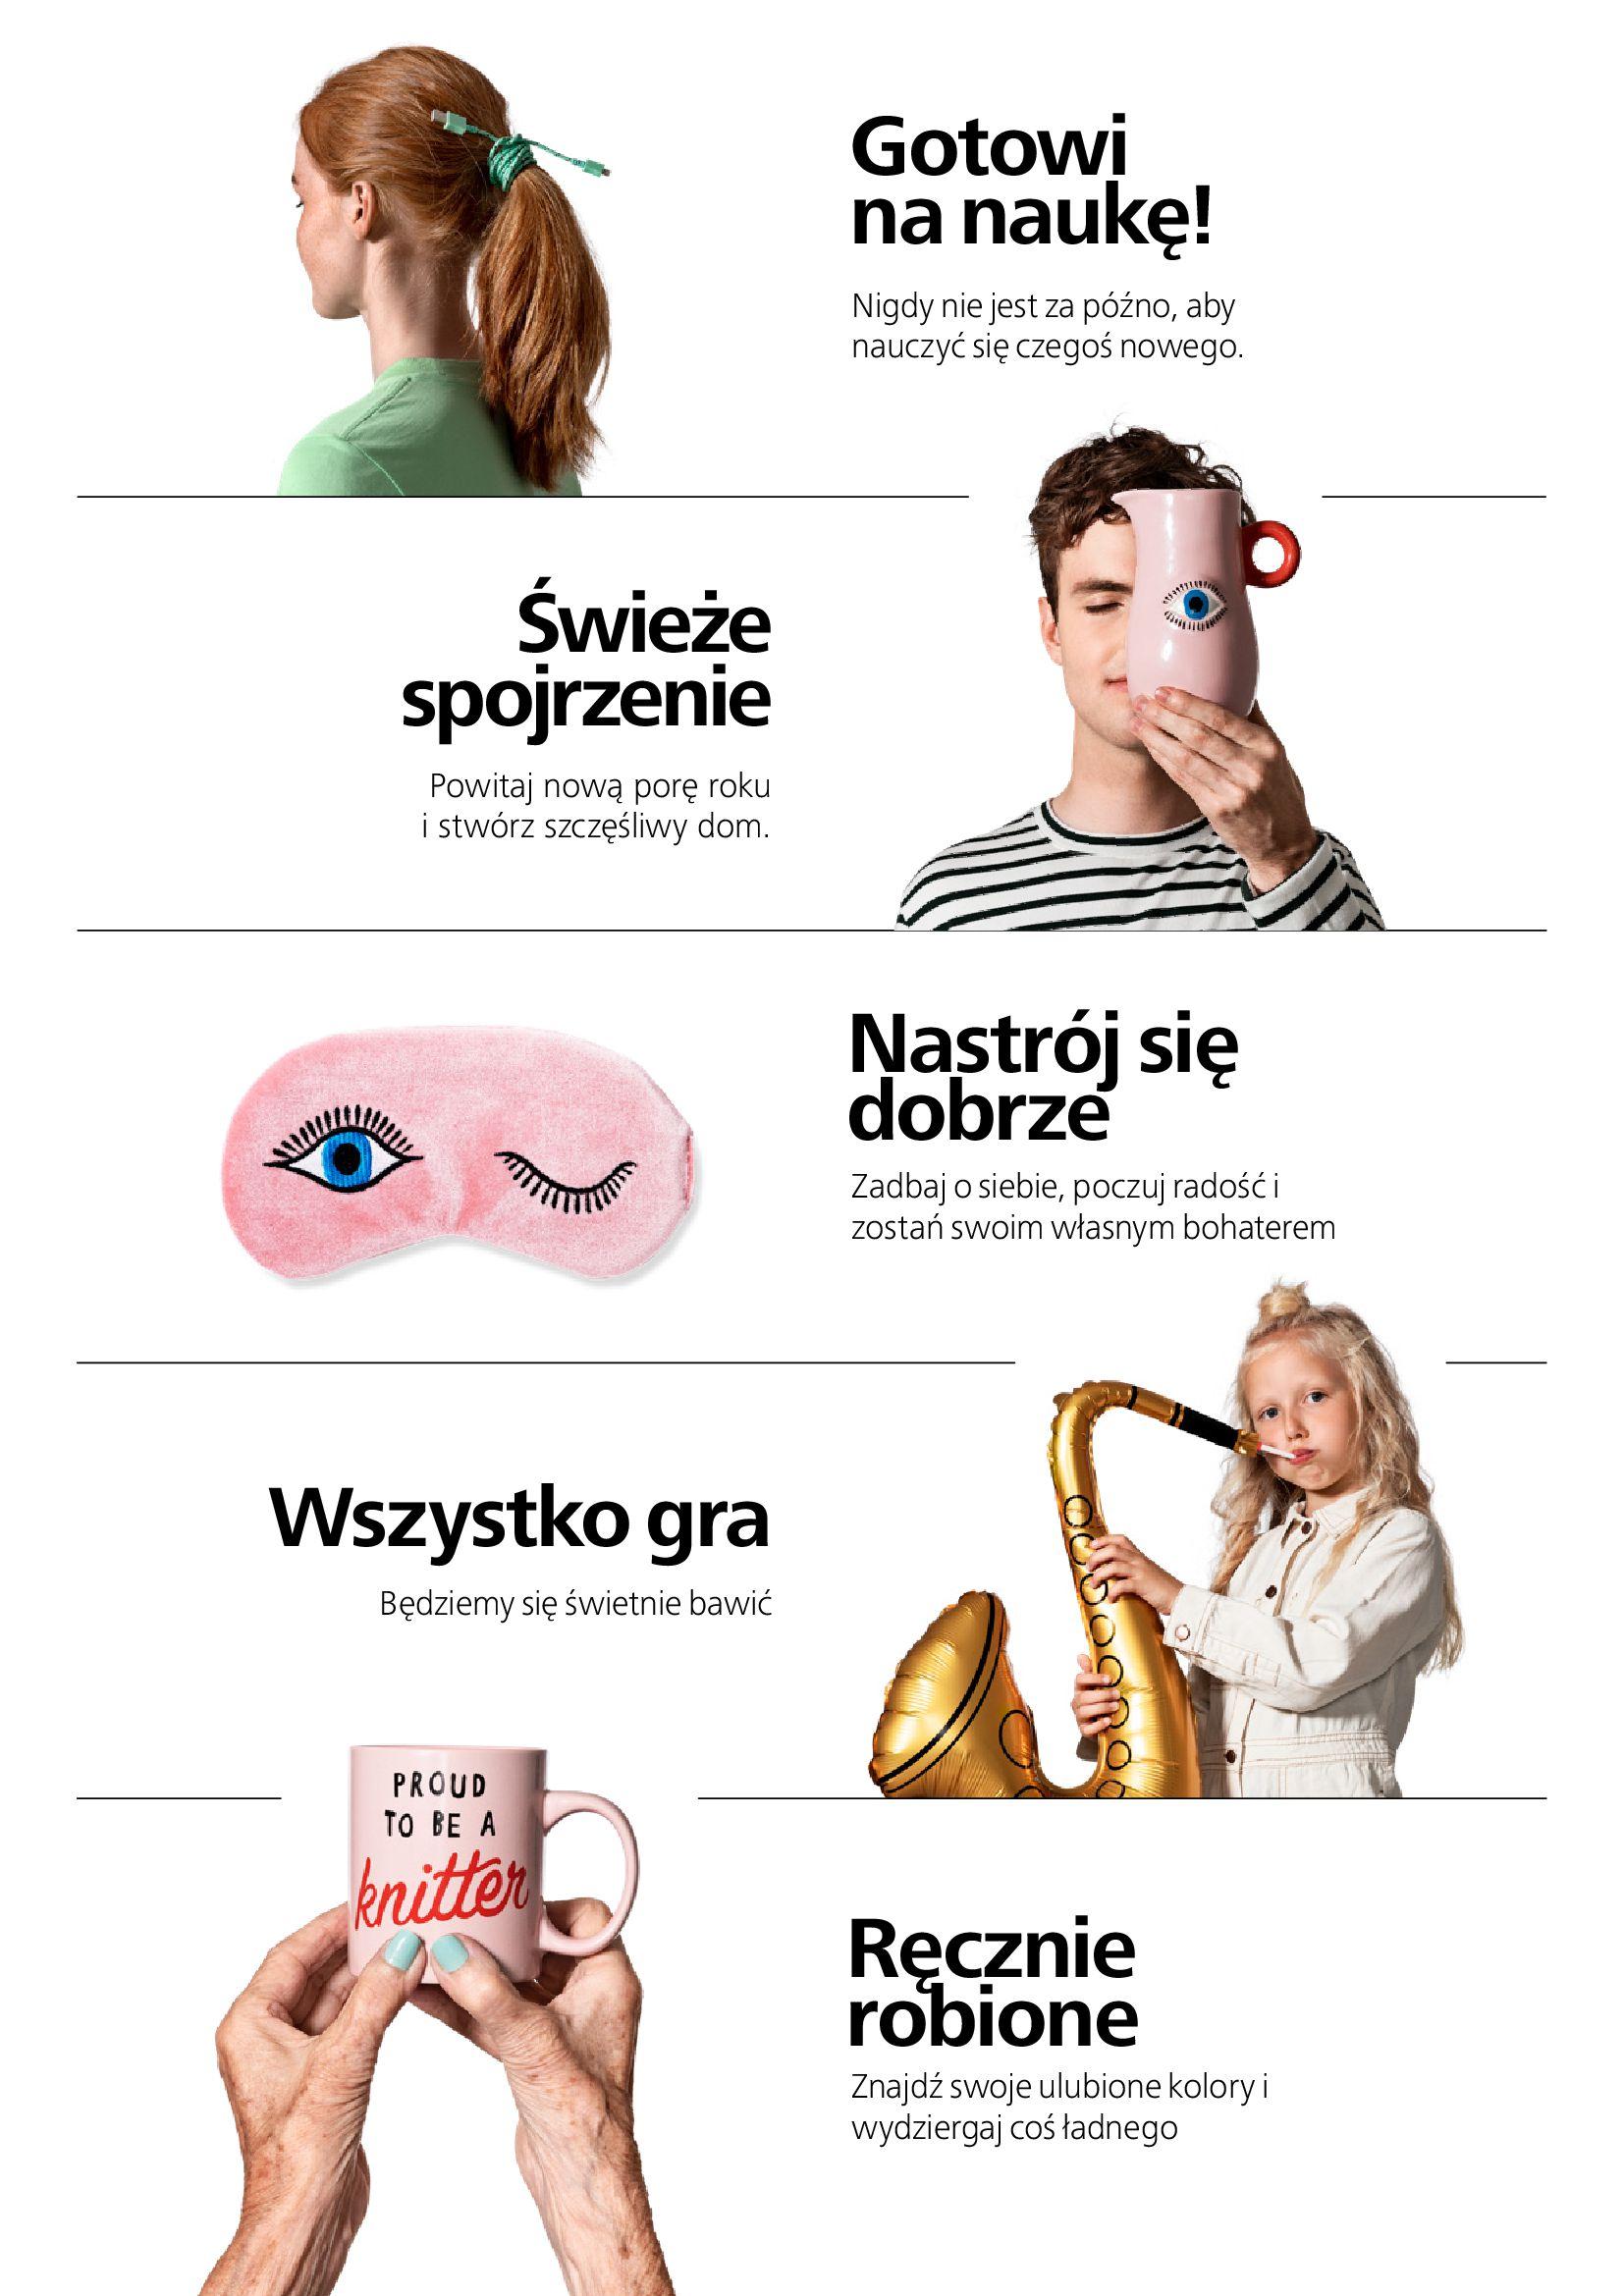 Gazetka Flying tiger - Słodki wrzesień-04.09.2019-27.09.2019-page-3